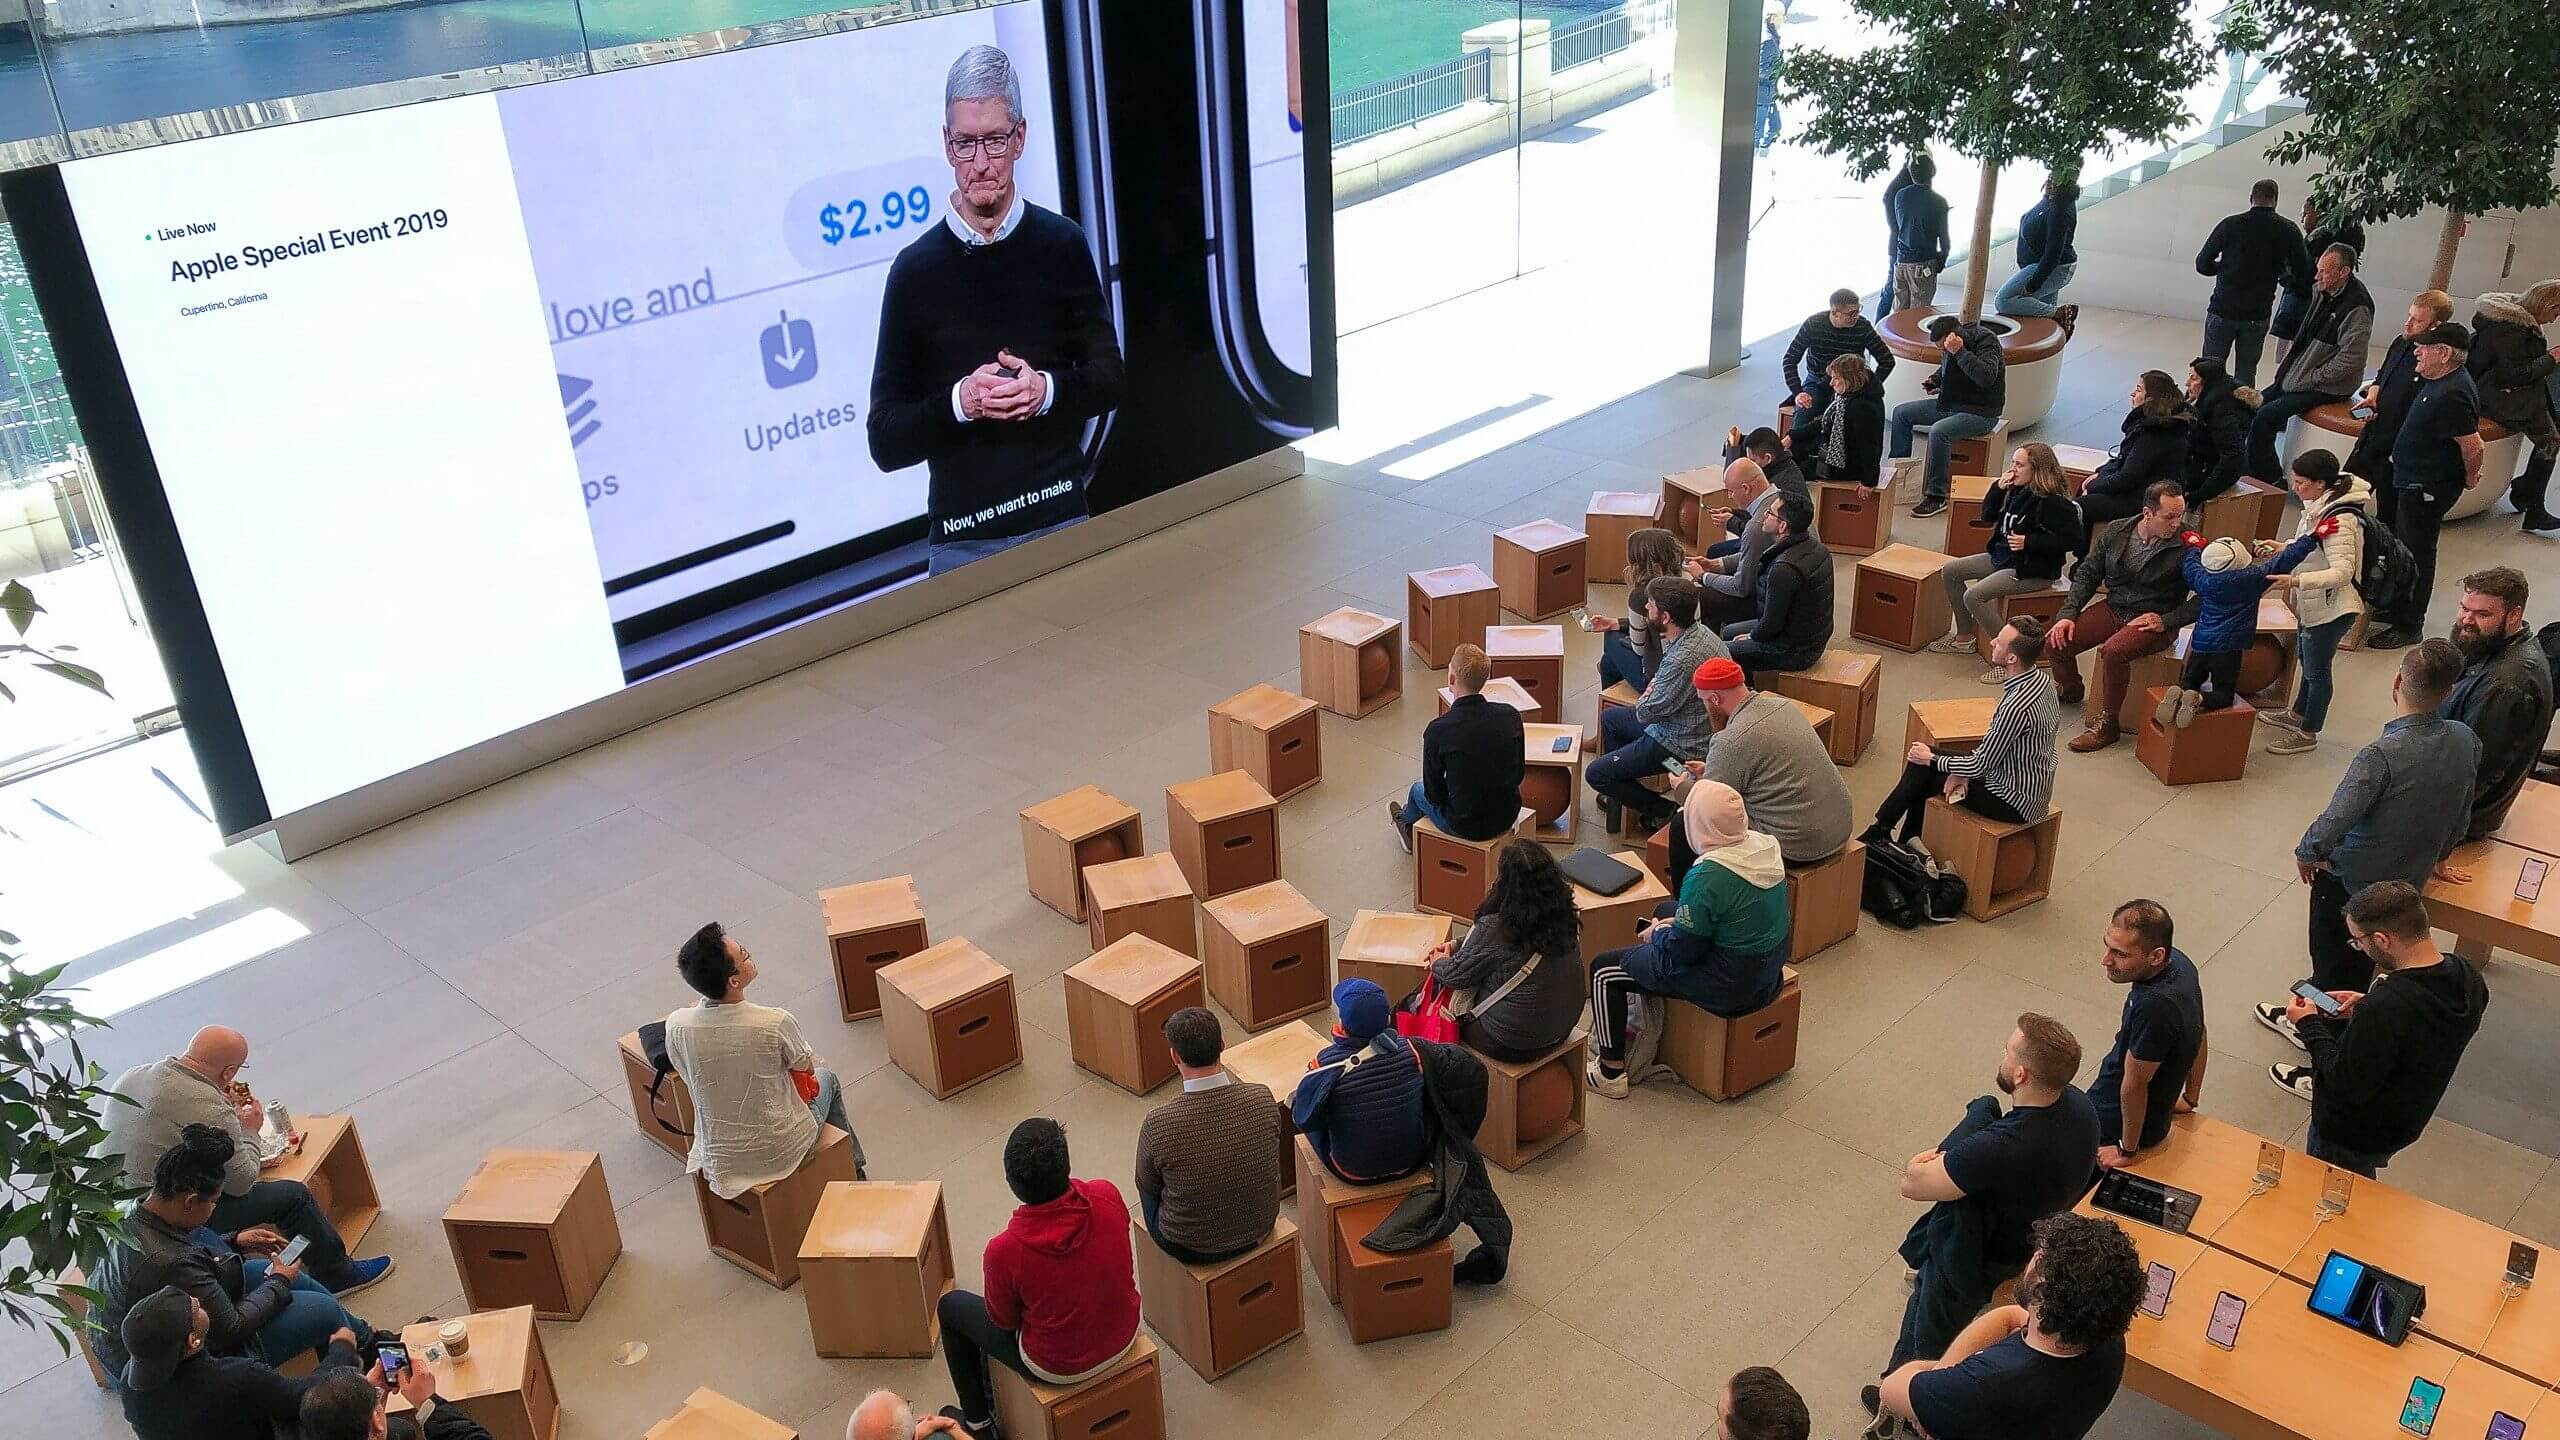 ФОТО: Как смотрели презентацию Apple в разных уголках мира